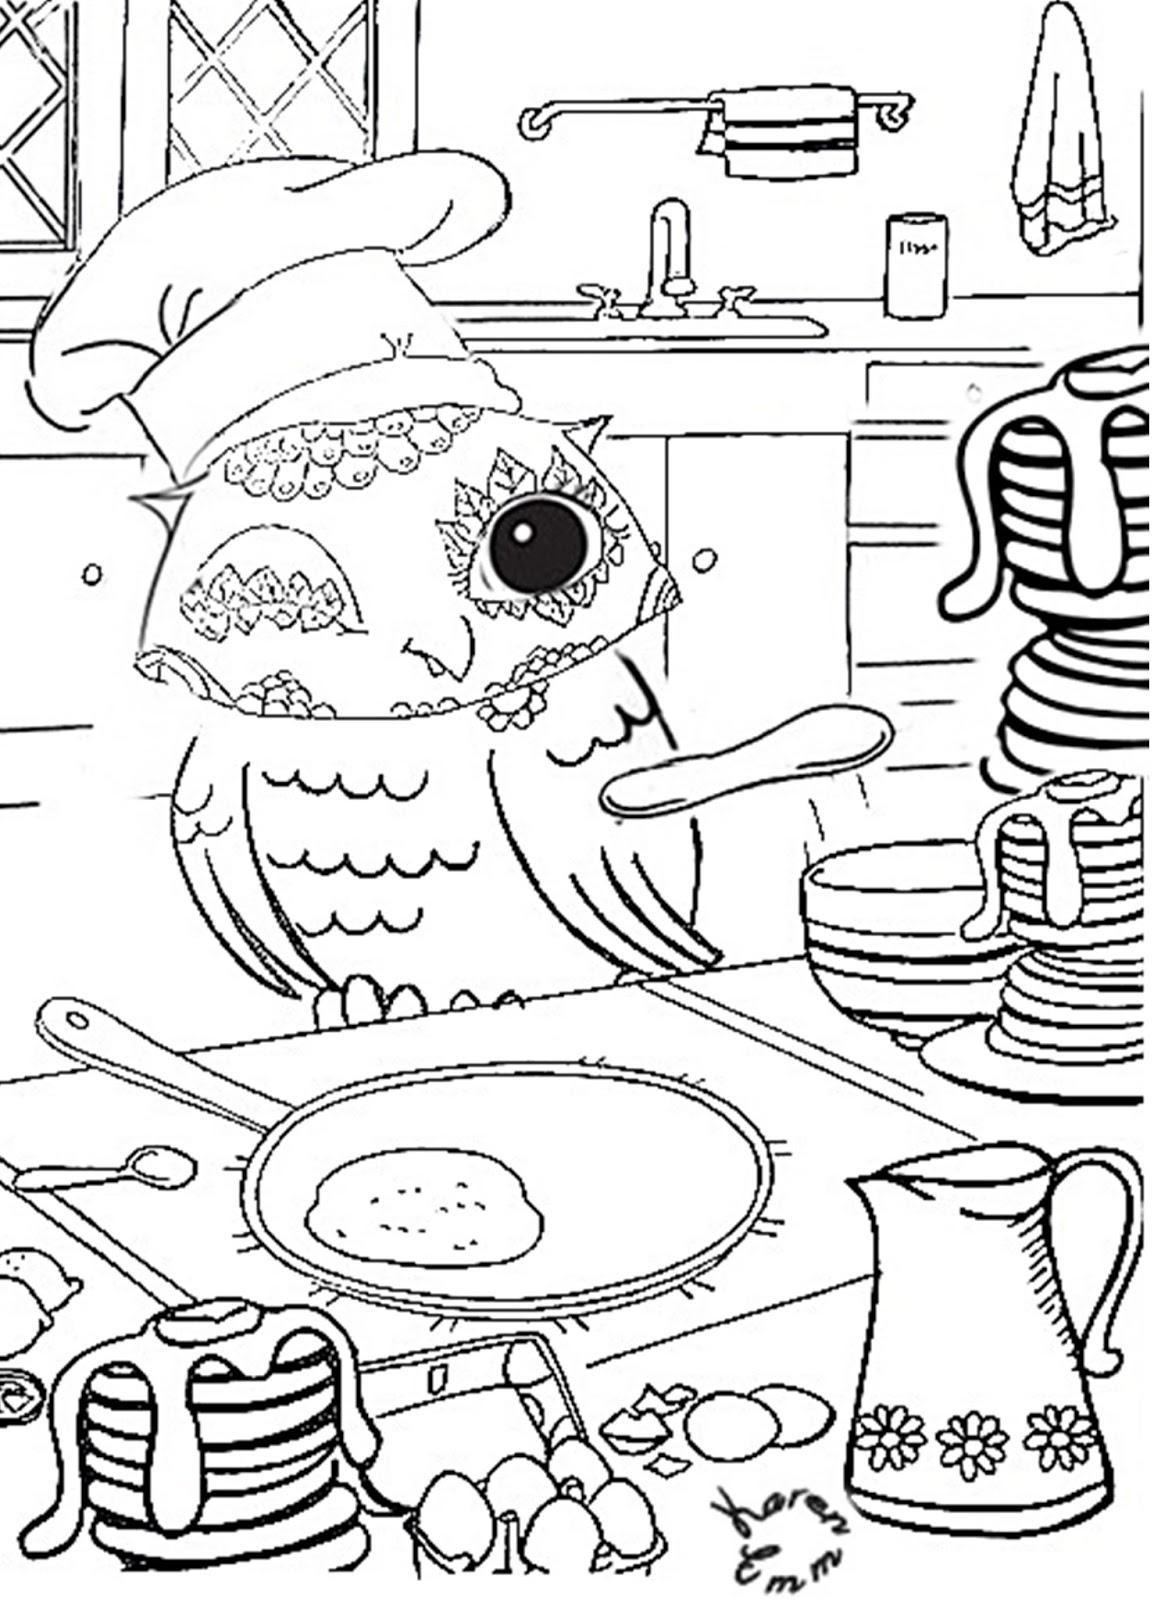 Kid Literature blog : Pancake day